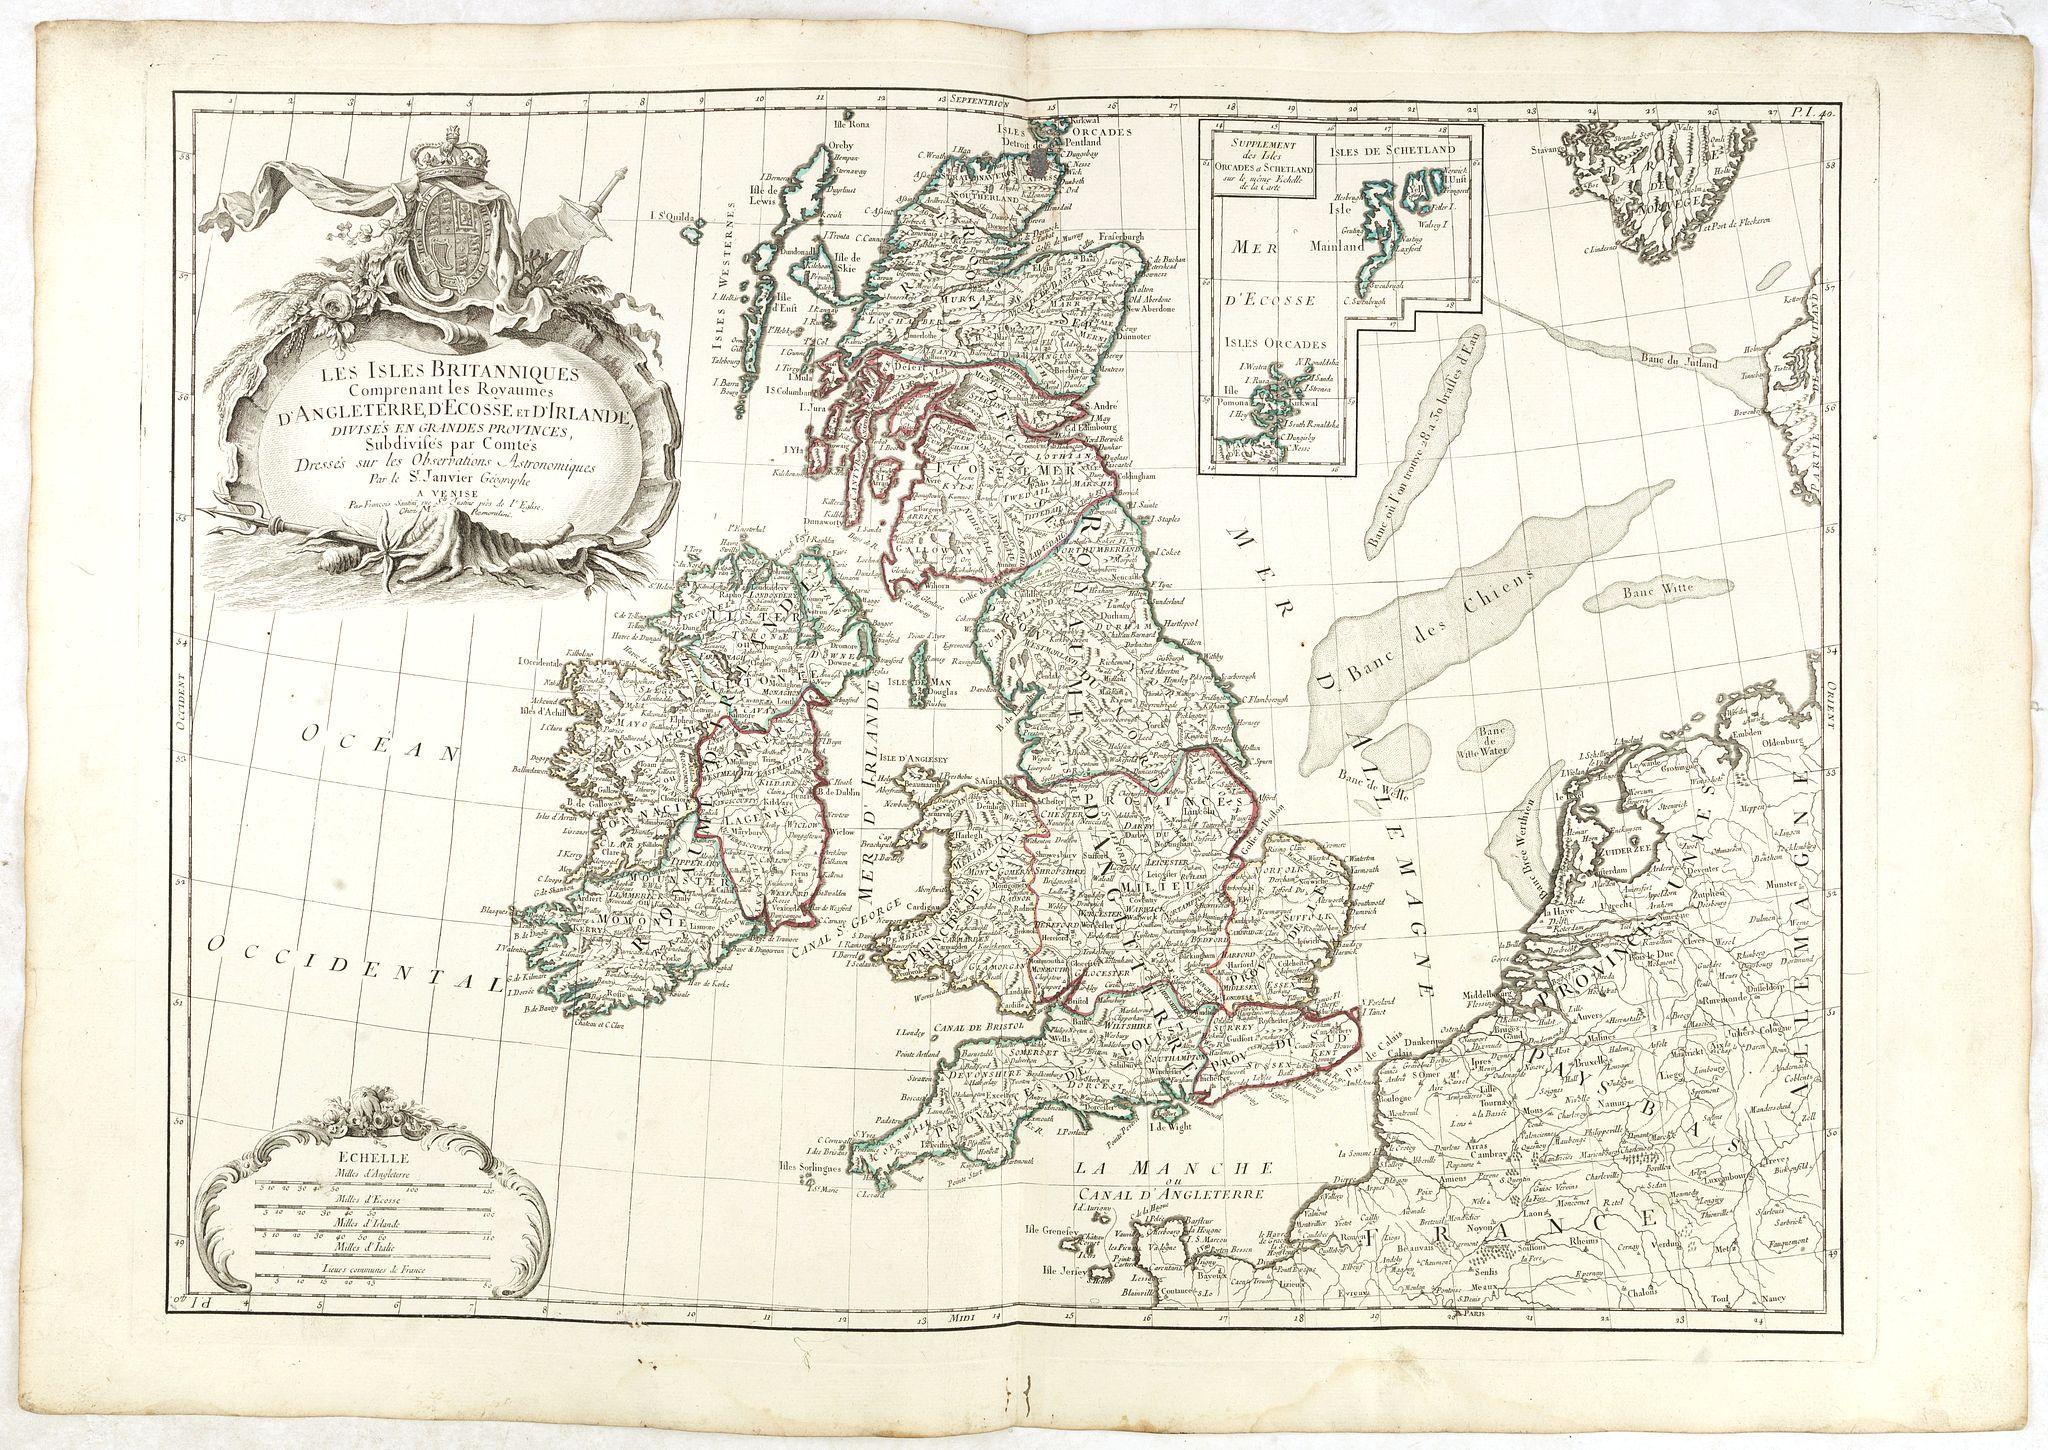 SANTINI, P. / REMONDINI, M. -  Les Isles Britanniques Comprenant les Royaumes D'Angleterre, D'Ecosse et D'Irlande divisée en grands provinces. . .